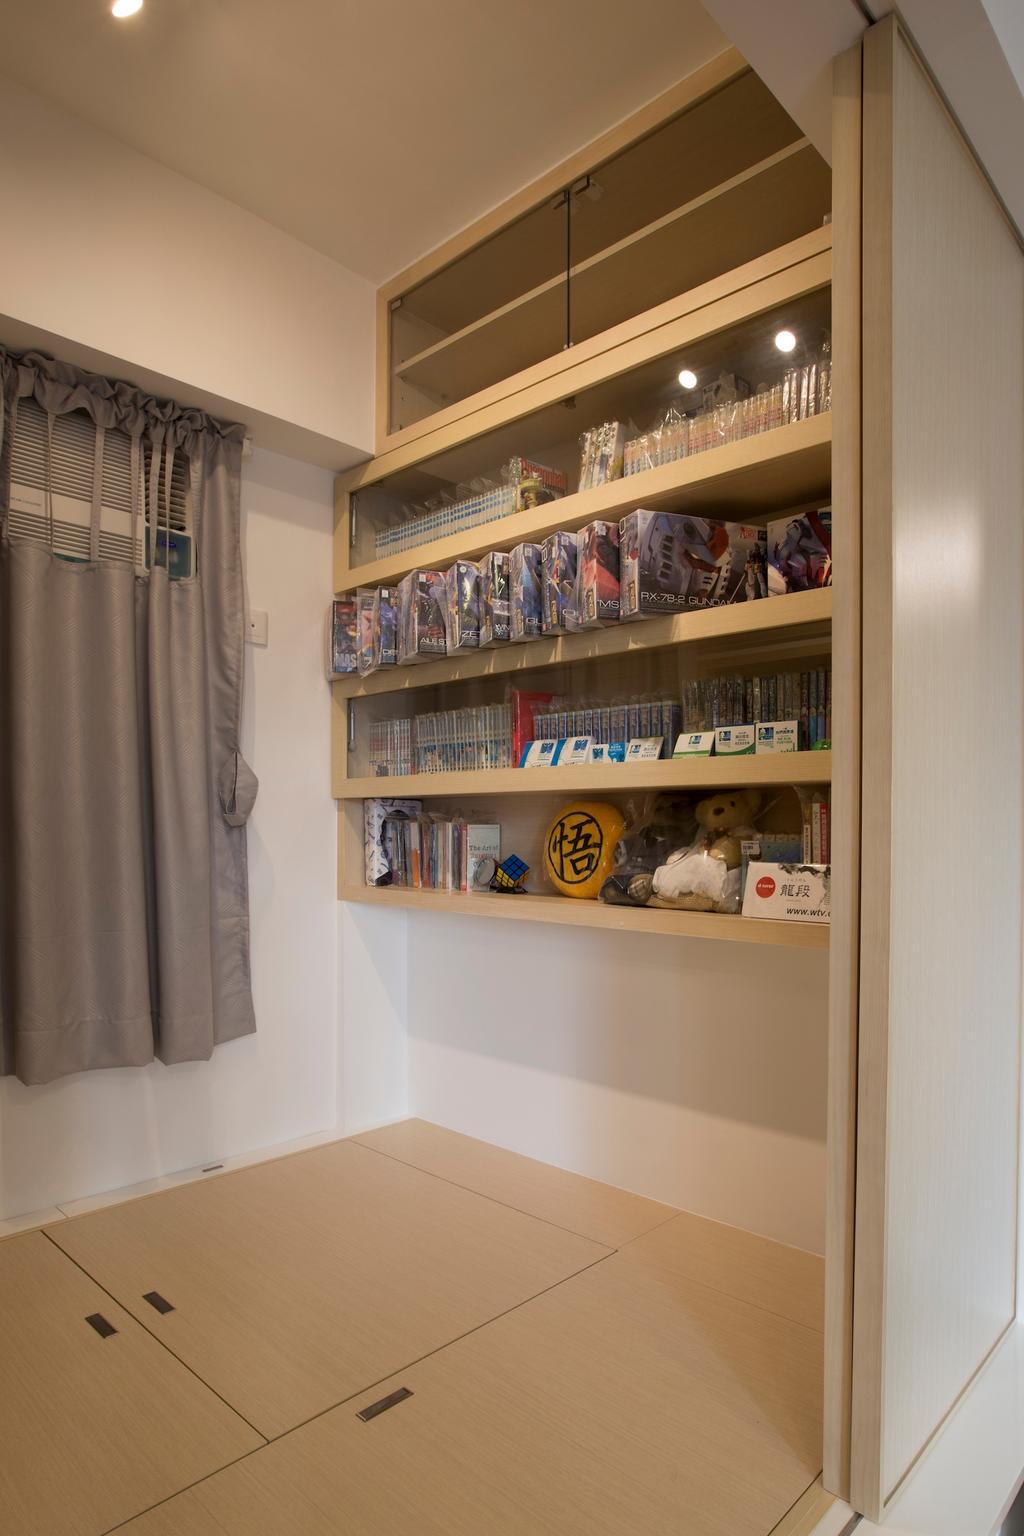 傳統, 私家樓, 睡房, 康濤閣, 室內設計師, am PLUS, Bookcase, Furniture, Pantry, Shelf, Book